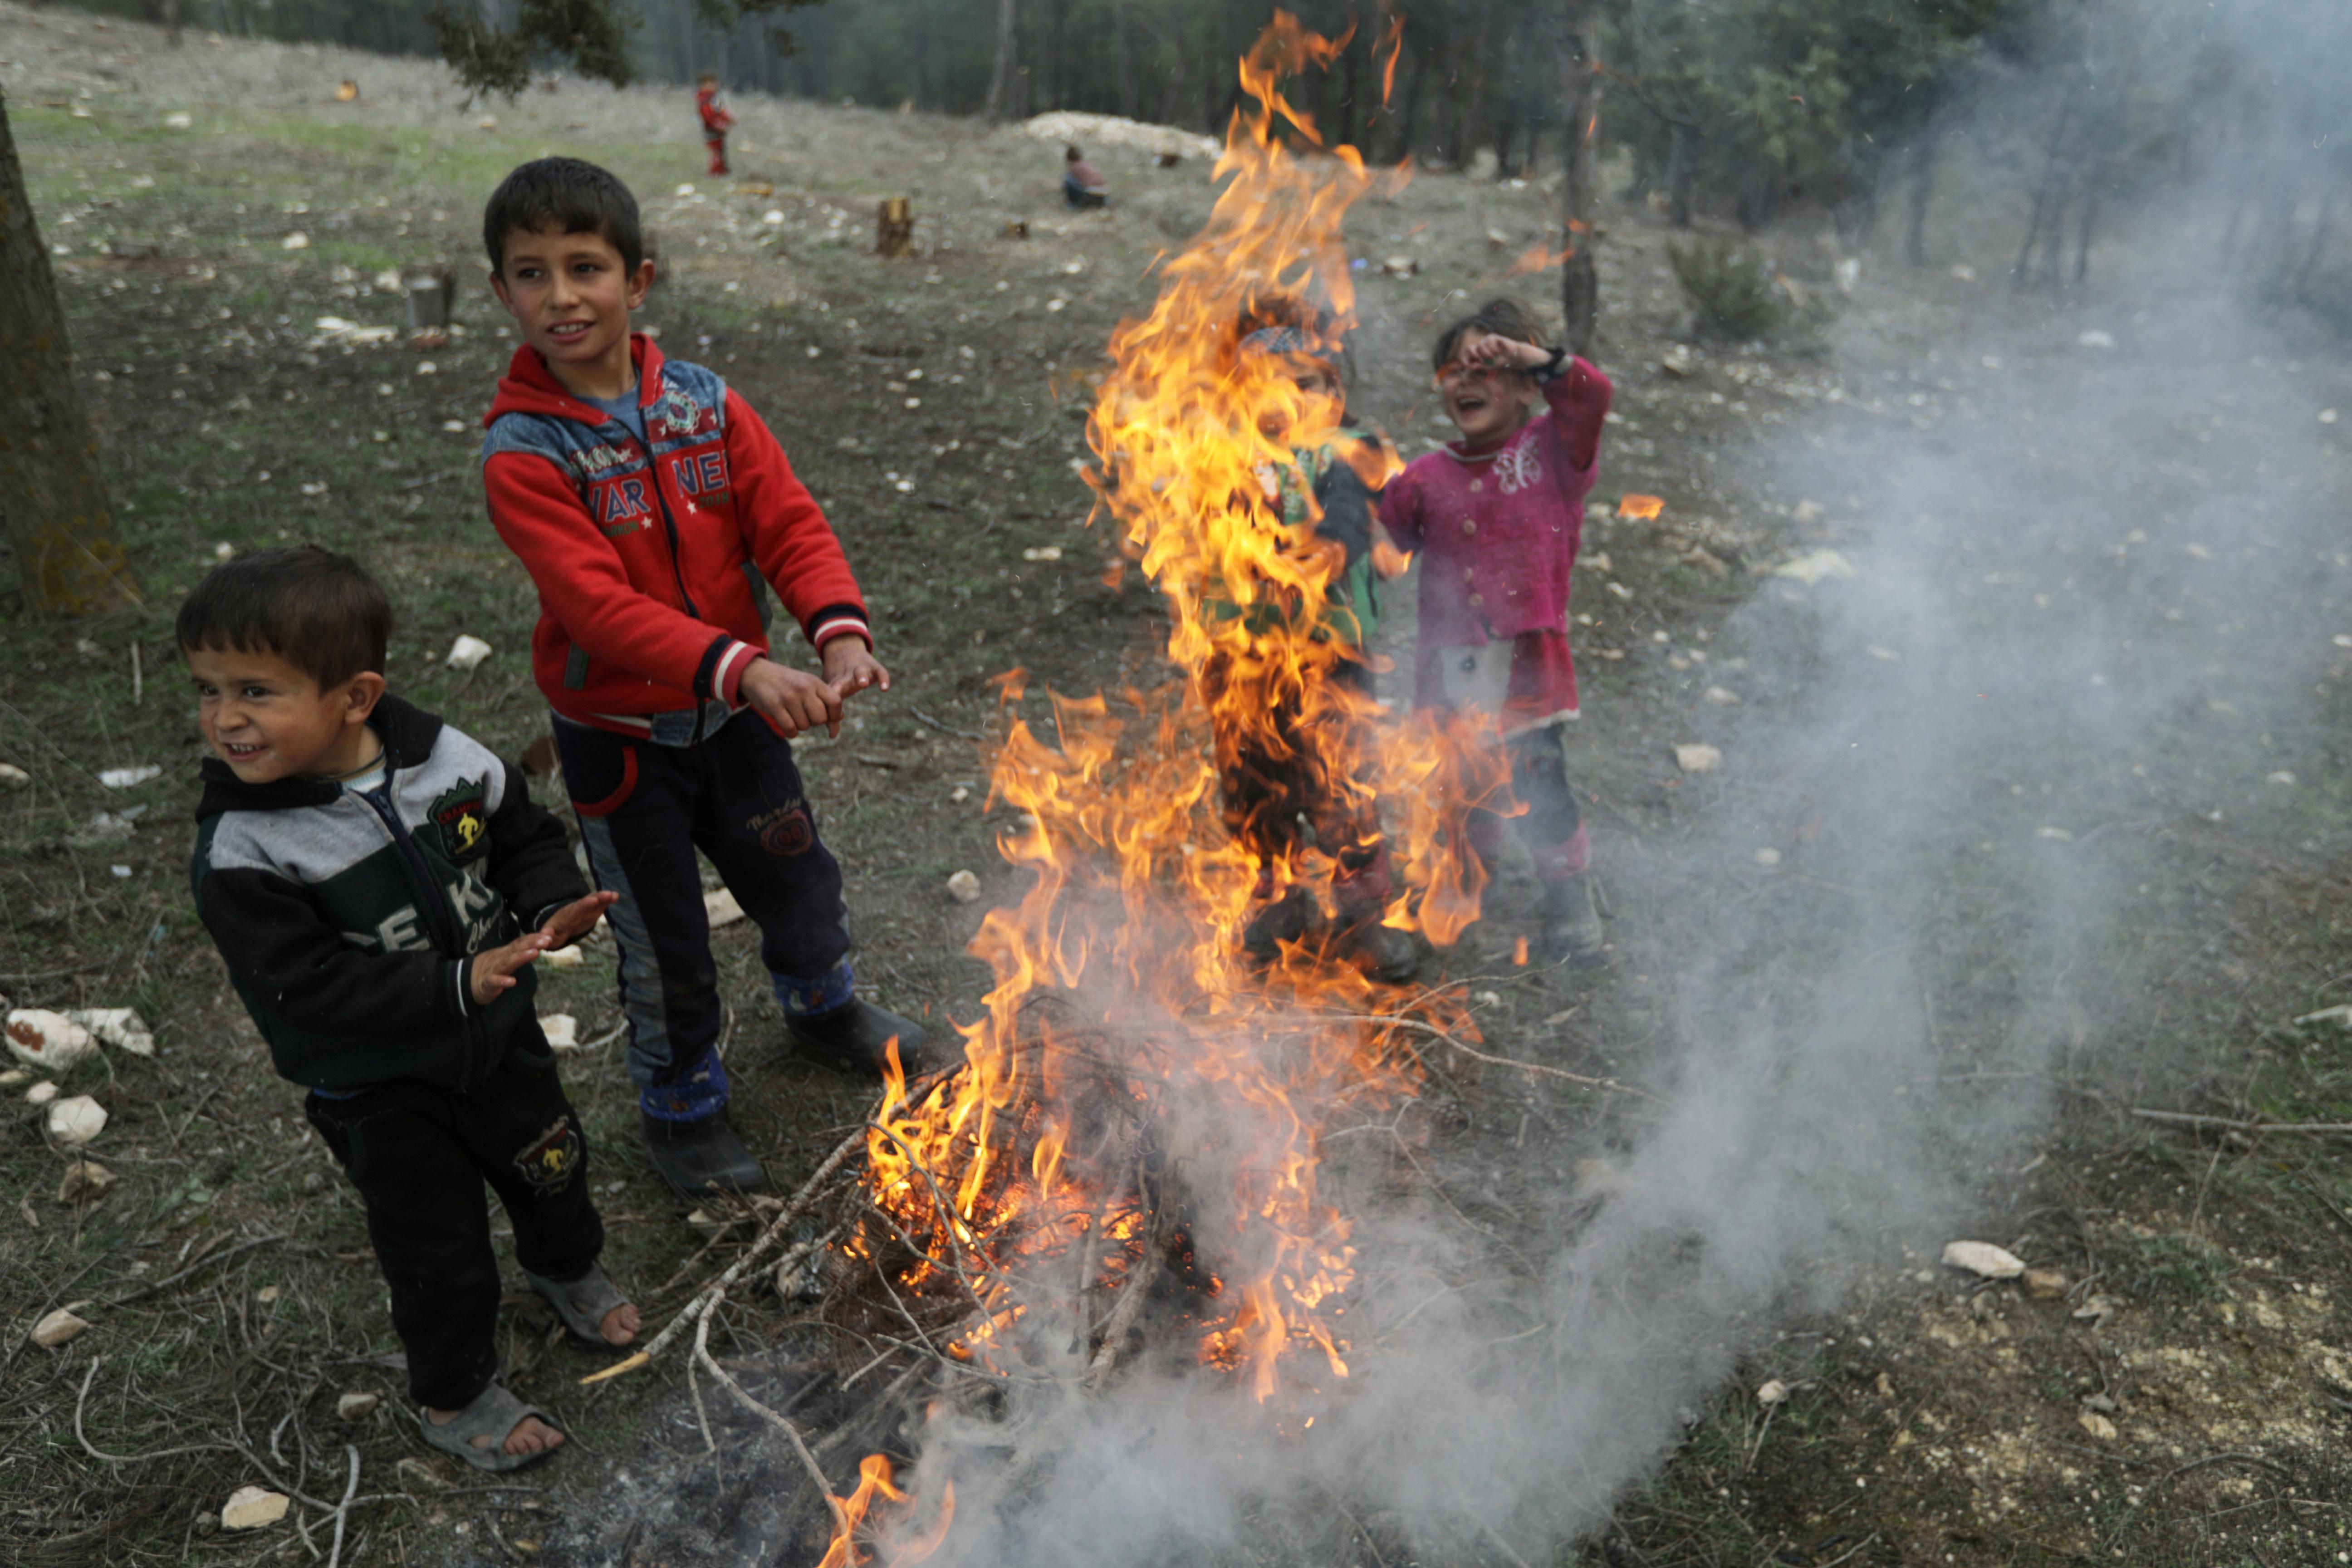 أطفال نازحون يحاولون تدفئة أجسادهم الصغيرة بعد فرارهم  والقصف في شمال غرب سوريا